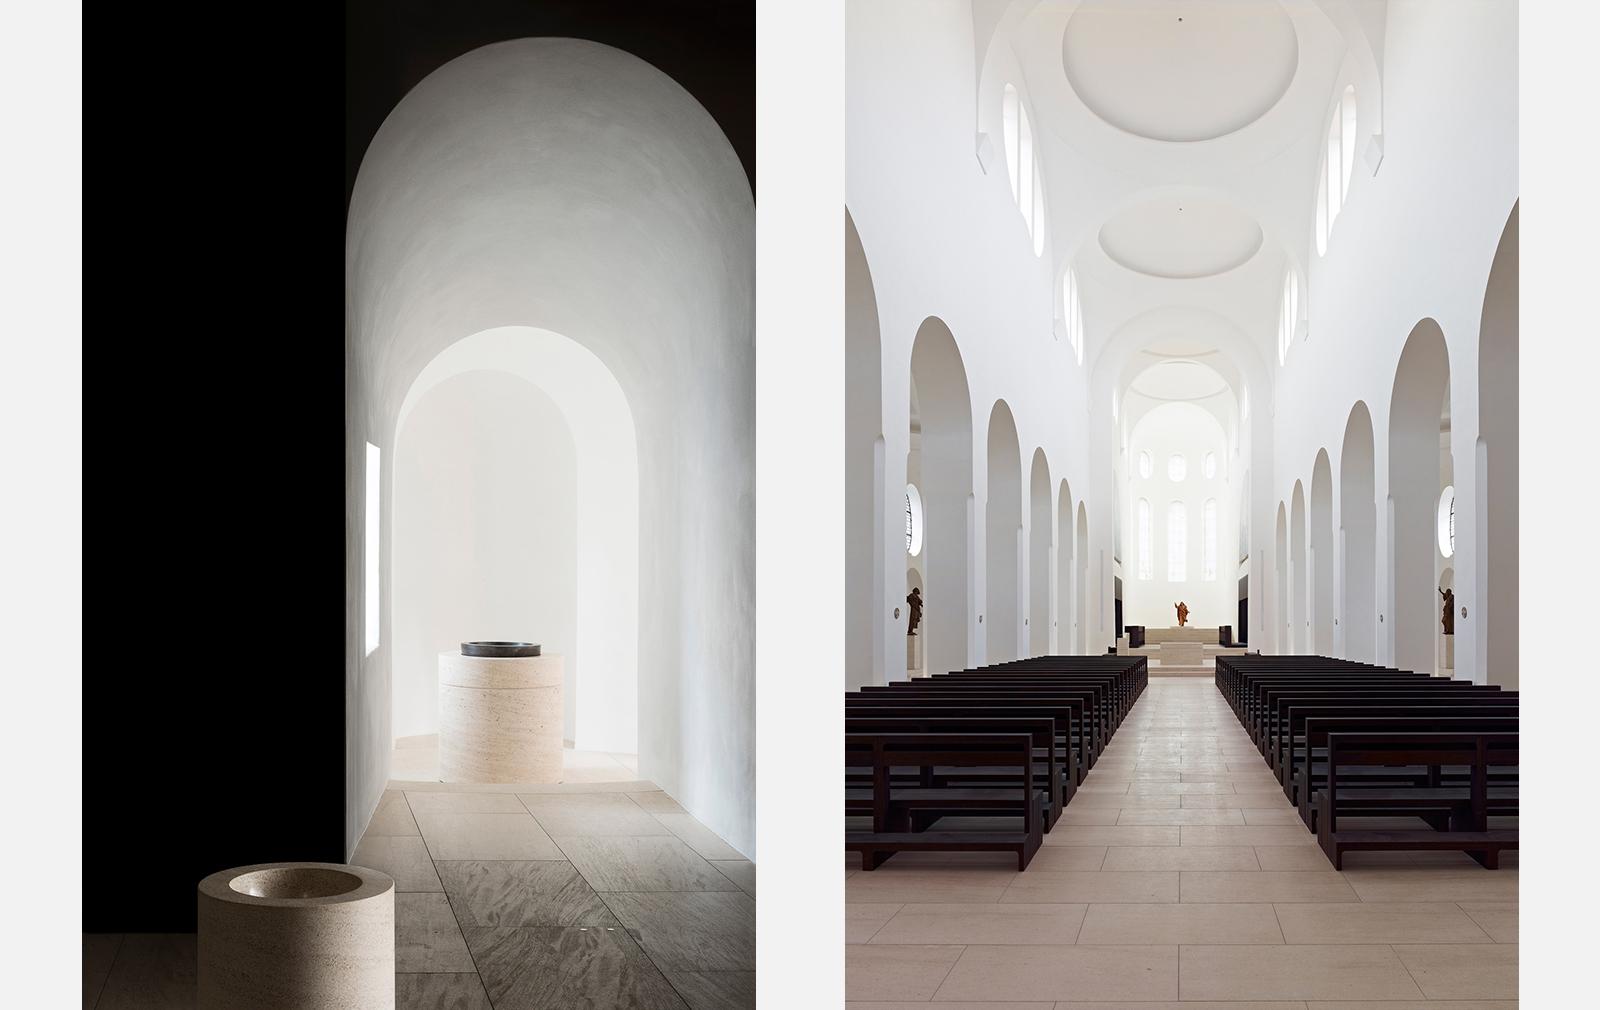 Church by John Pawson